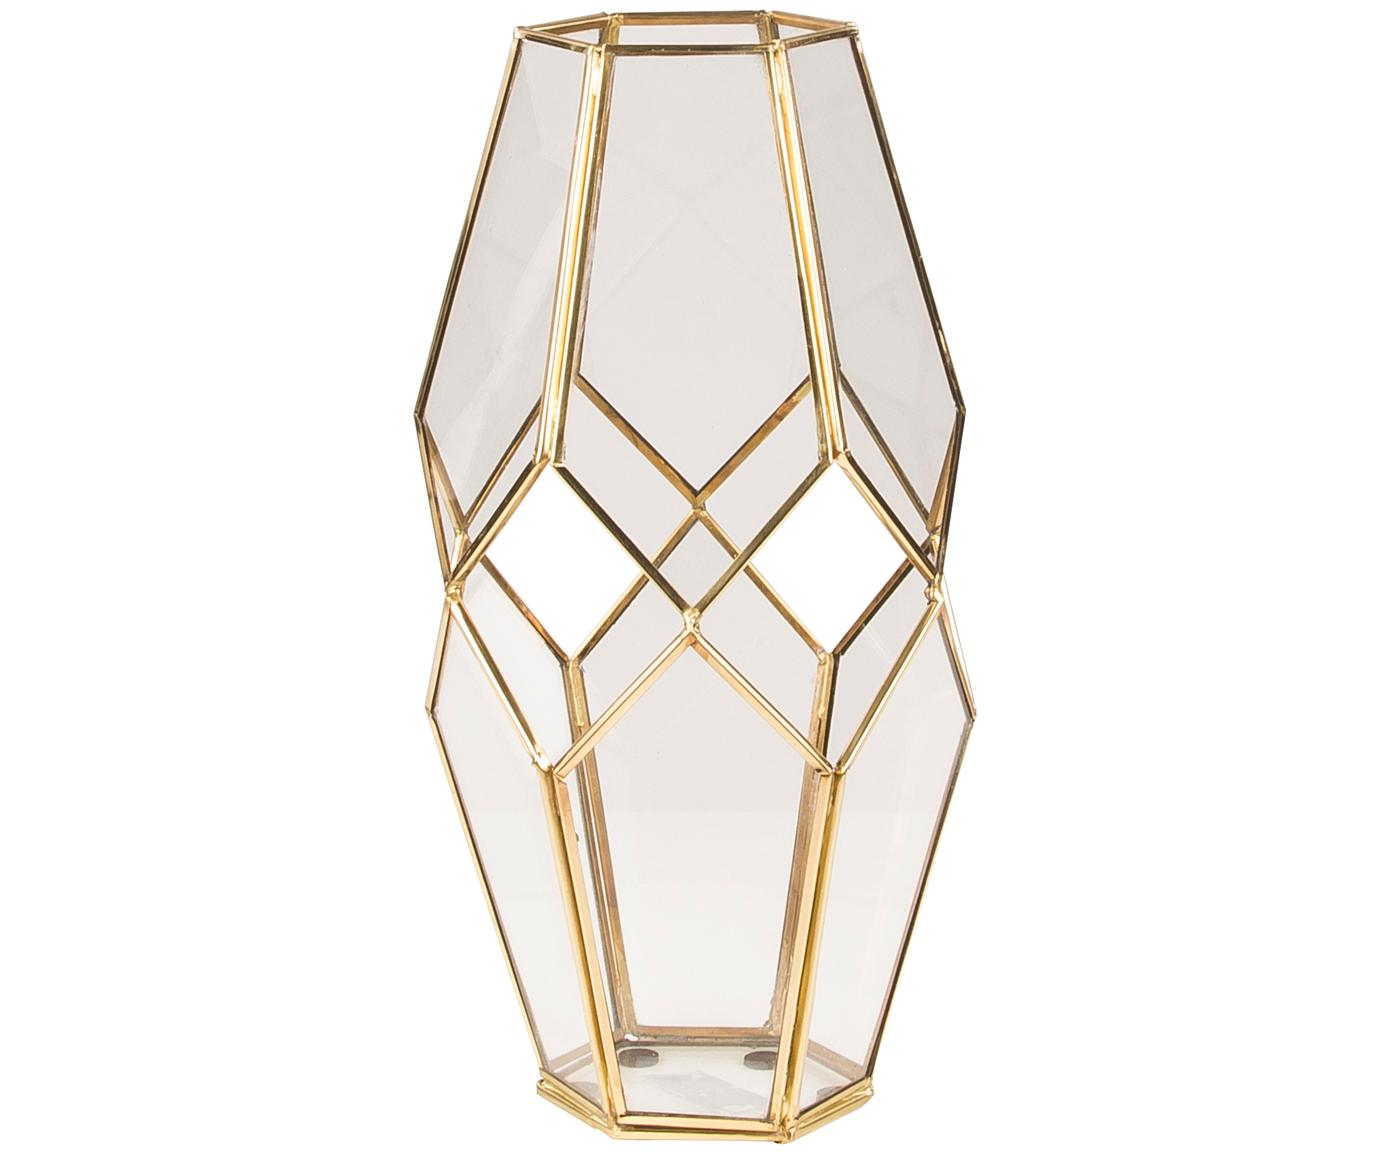 Portacandela in vetro e ottone Peter, Ottone, vetro, Trasparente, ottone, A 33 cm